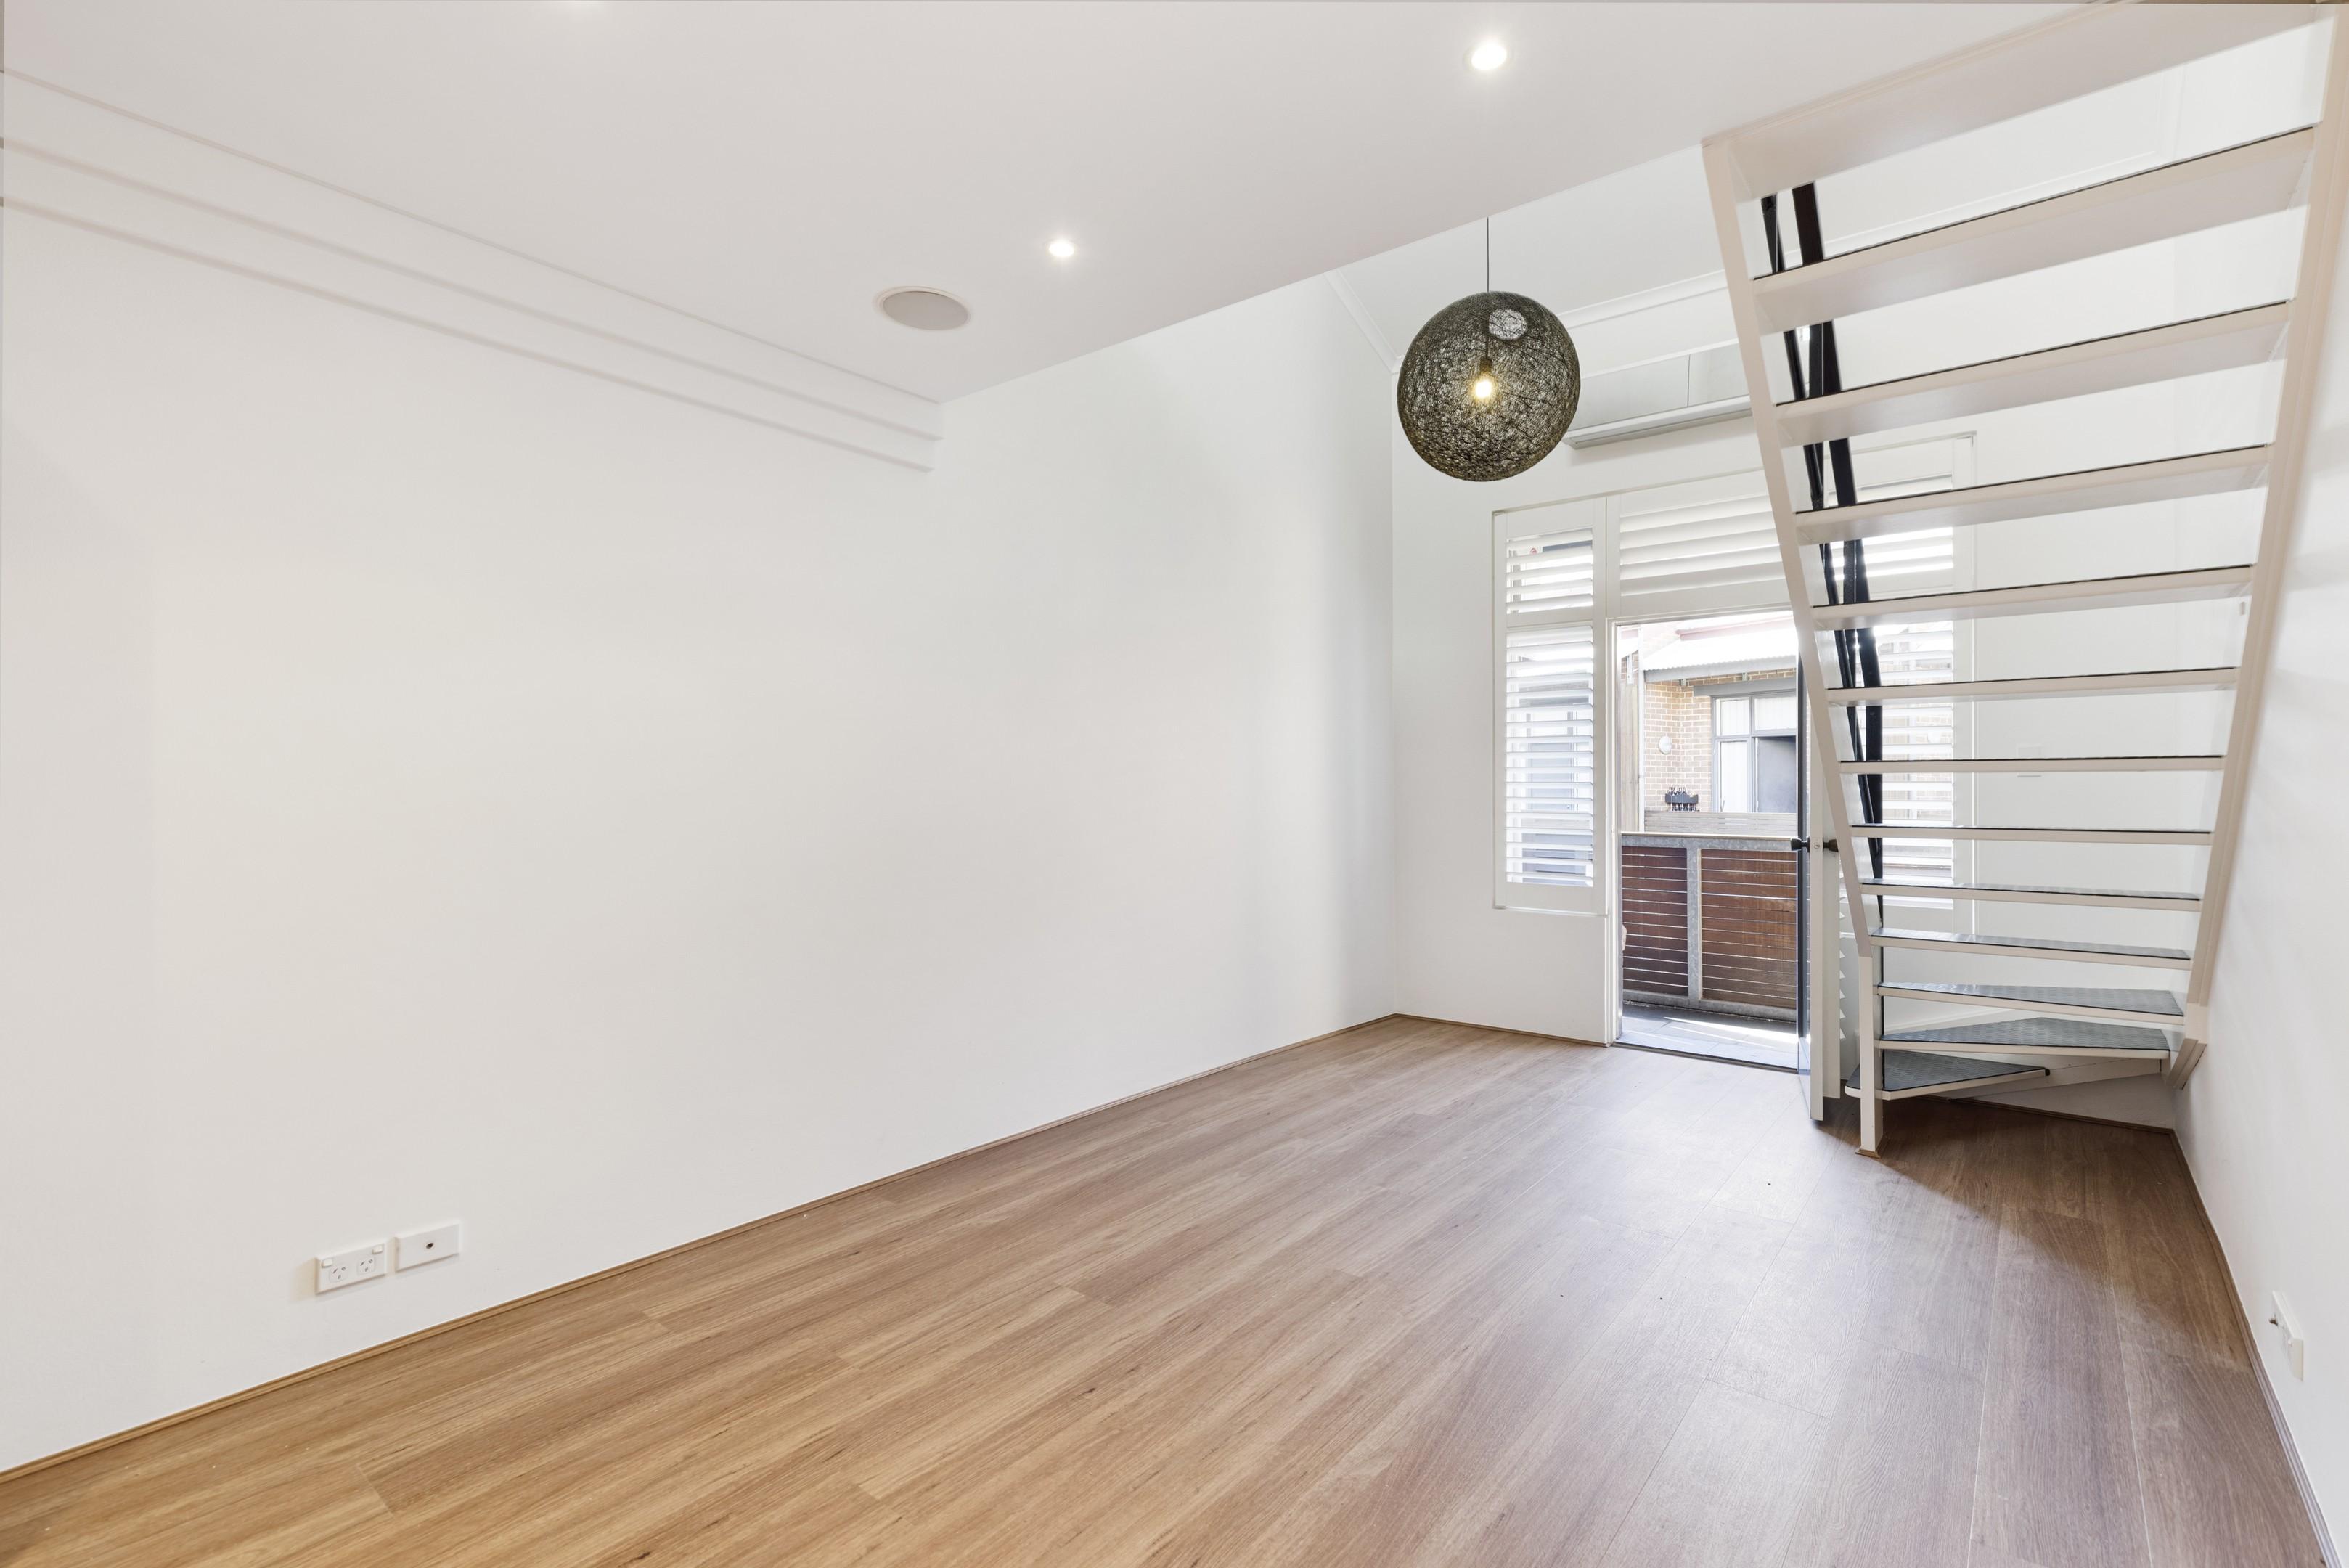 21 13 15 Oxford Street Paddington Nsw 2021 Apartment For Rent 600 Domain